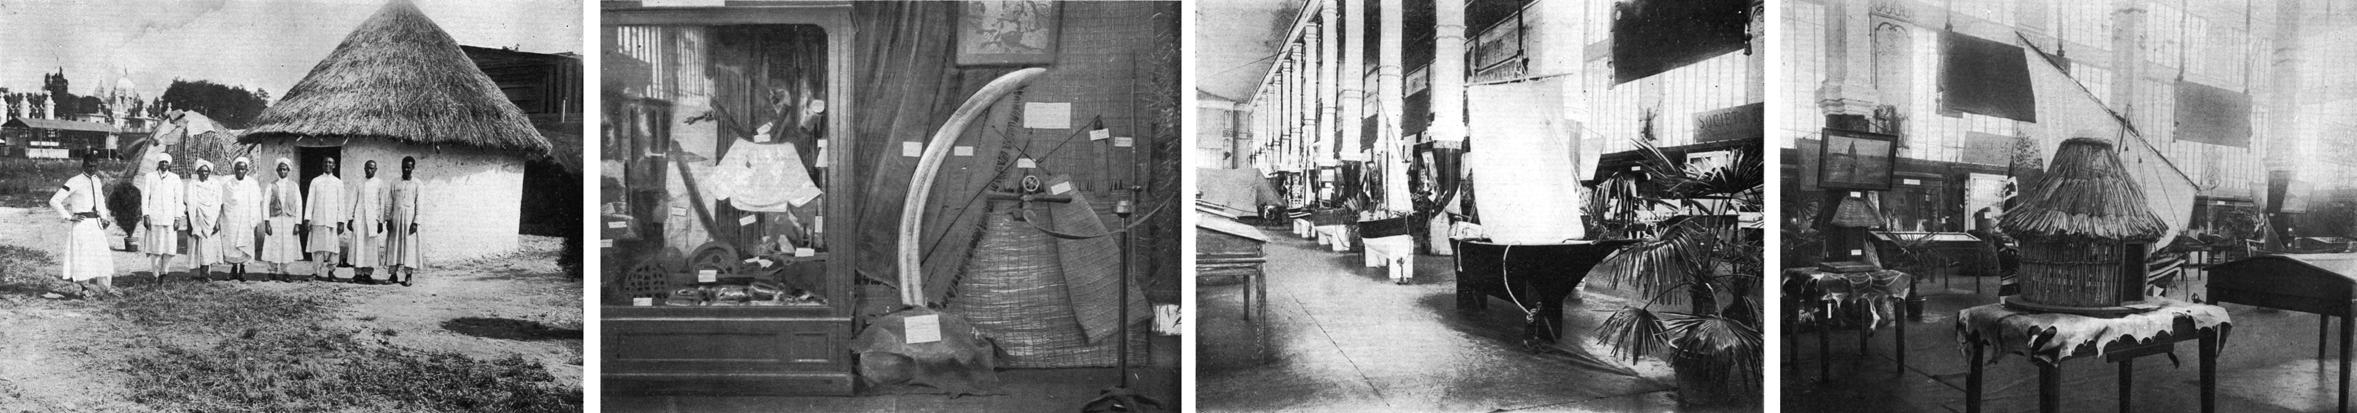 1911, Torino_Esposizione Coloniale_Foto (4)